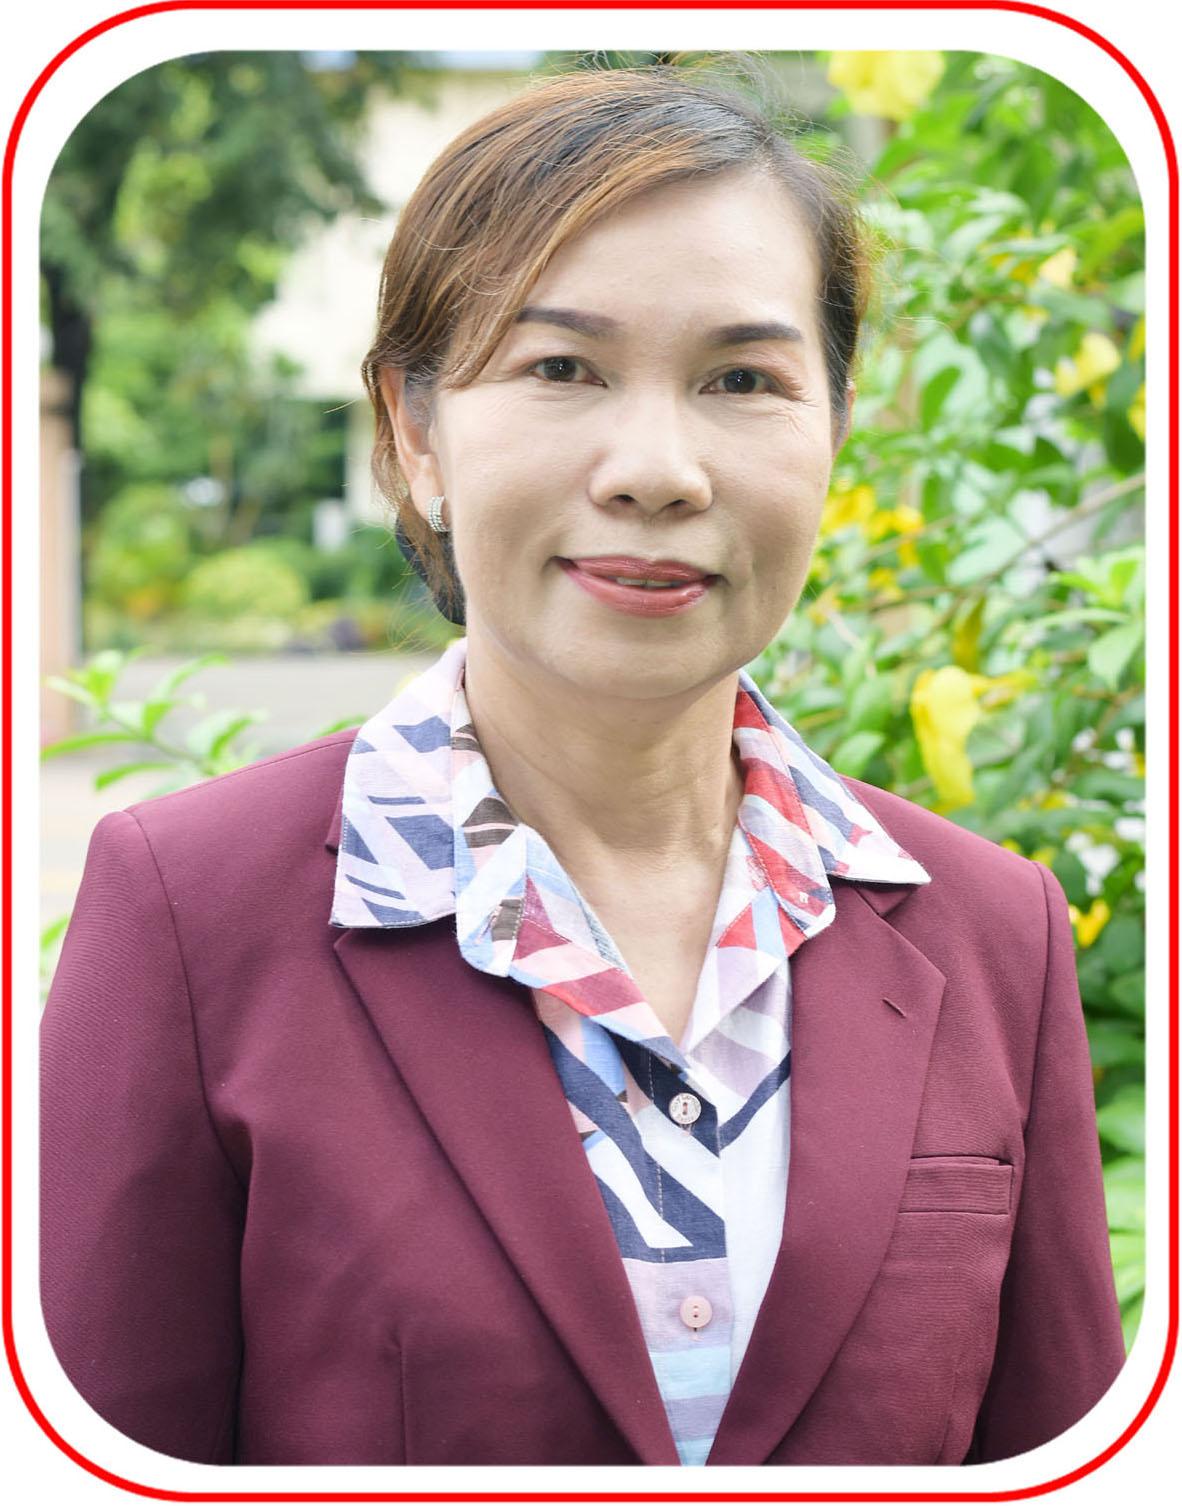 นางสาววิจิตร มูลแวงผอ.กลุ่มบริหารงานบุคคล  08 1799 0366